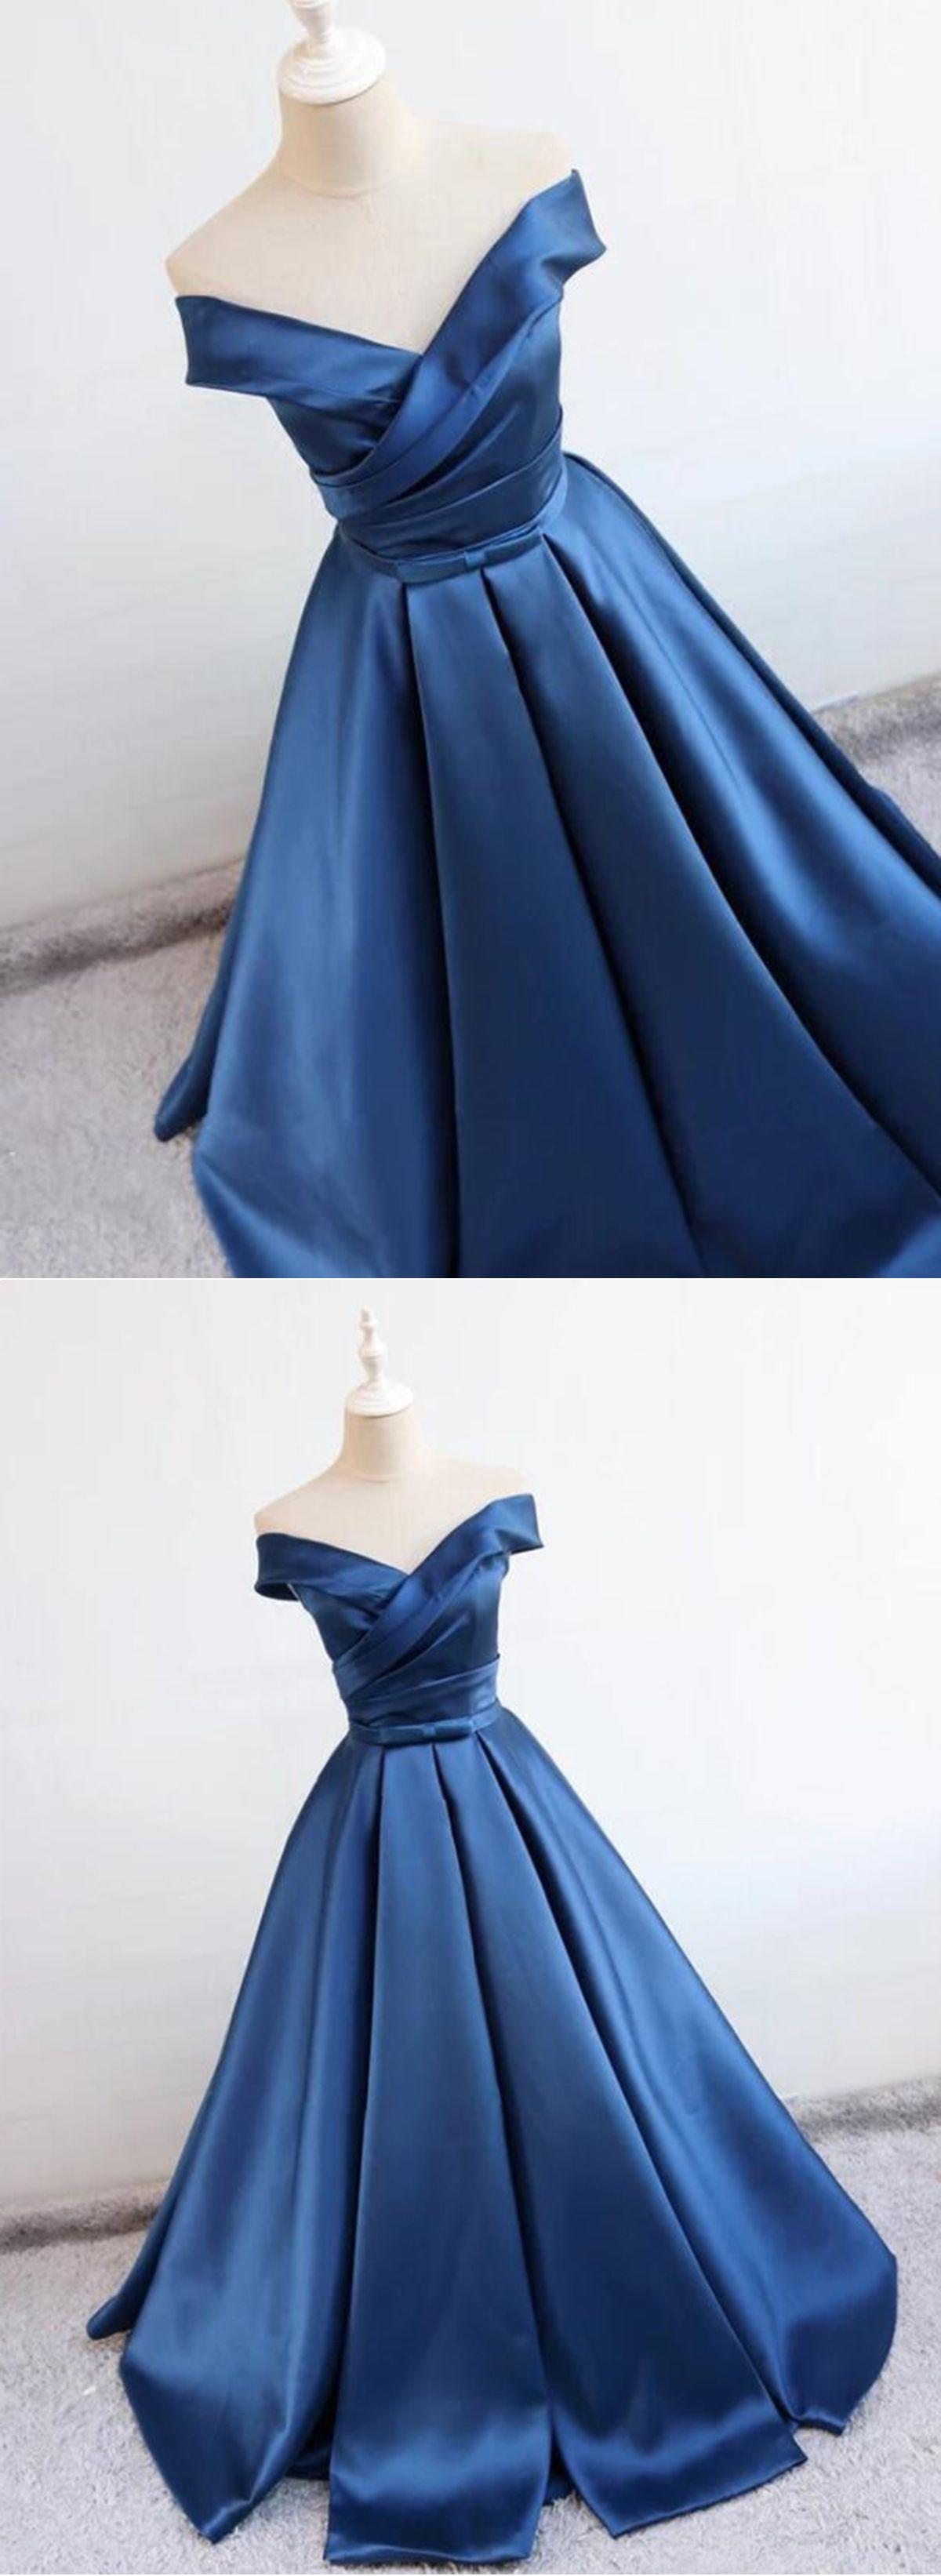 Deep blue v neck long off shoulder prom dress long satin homecoming